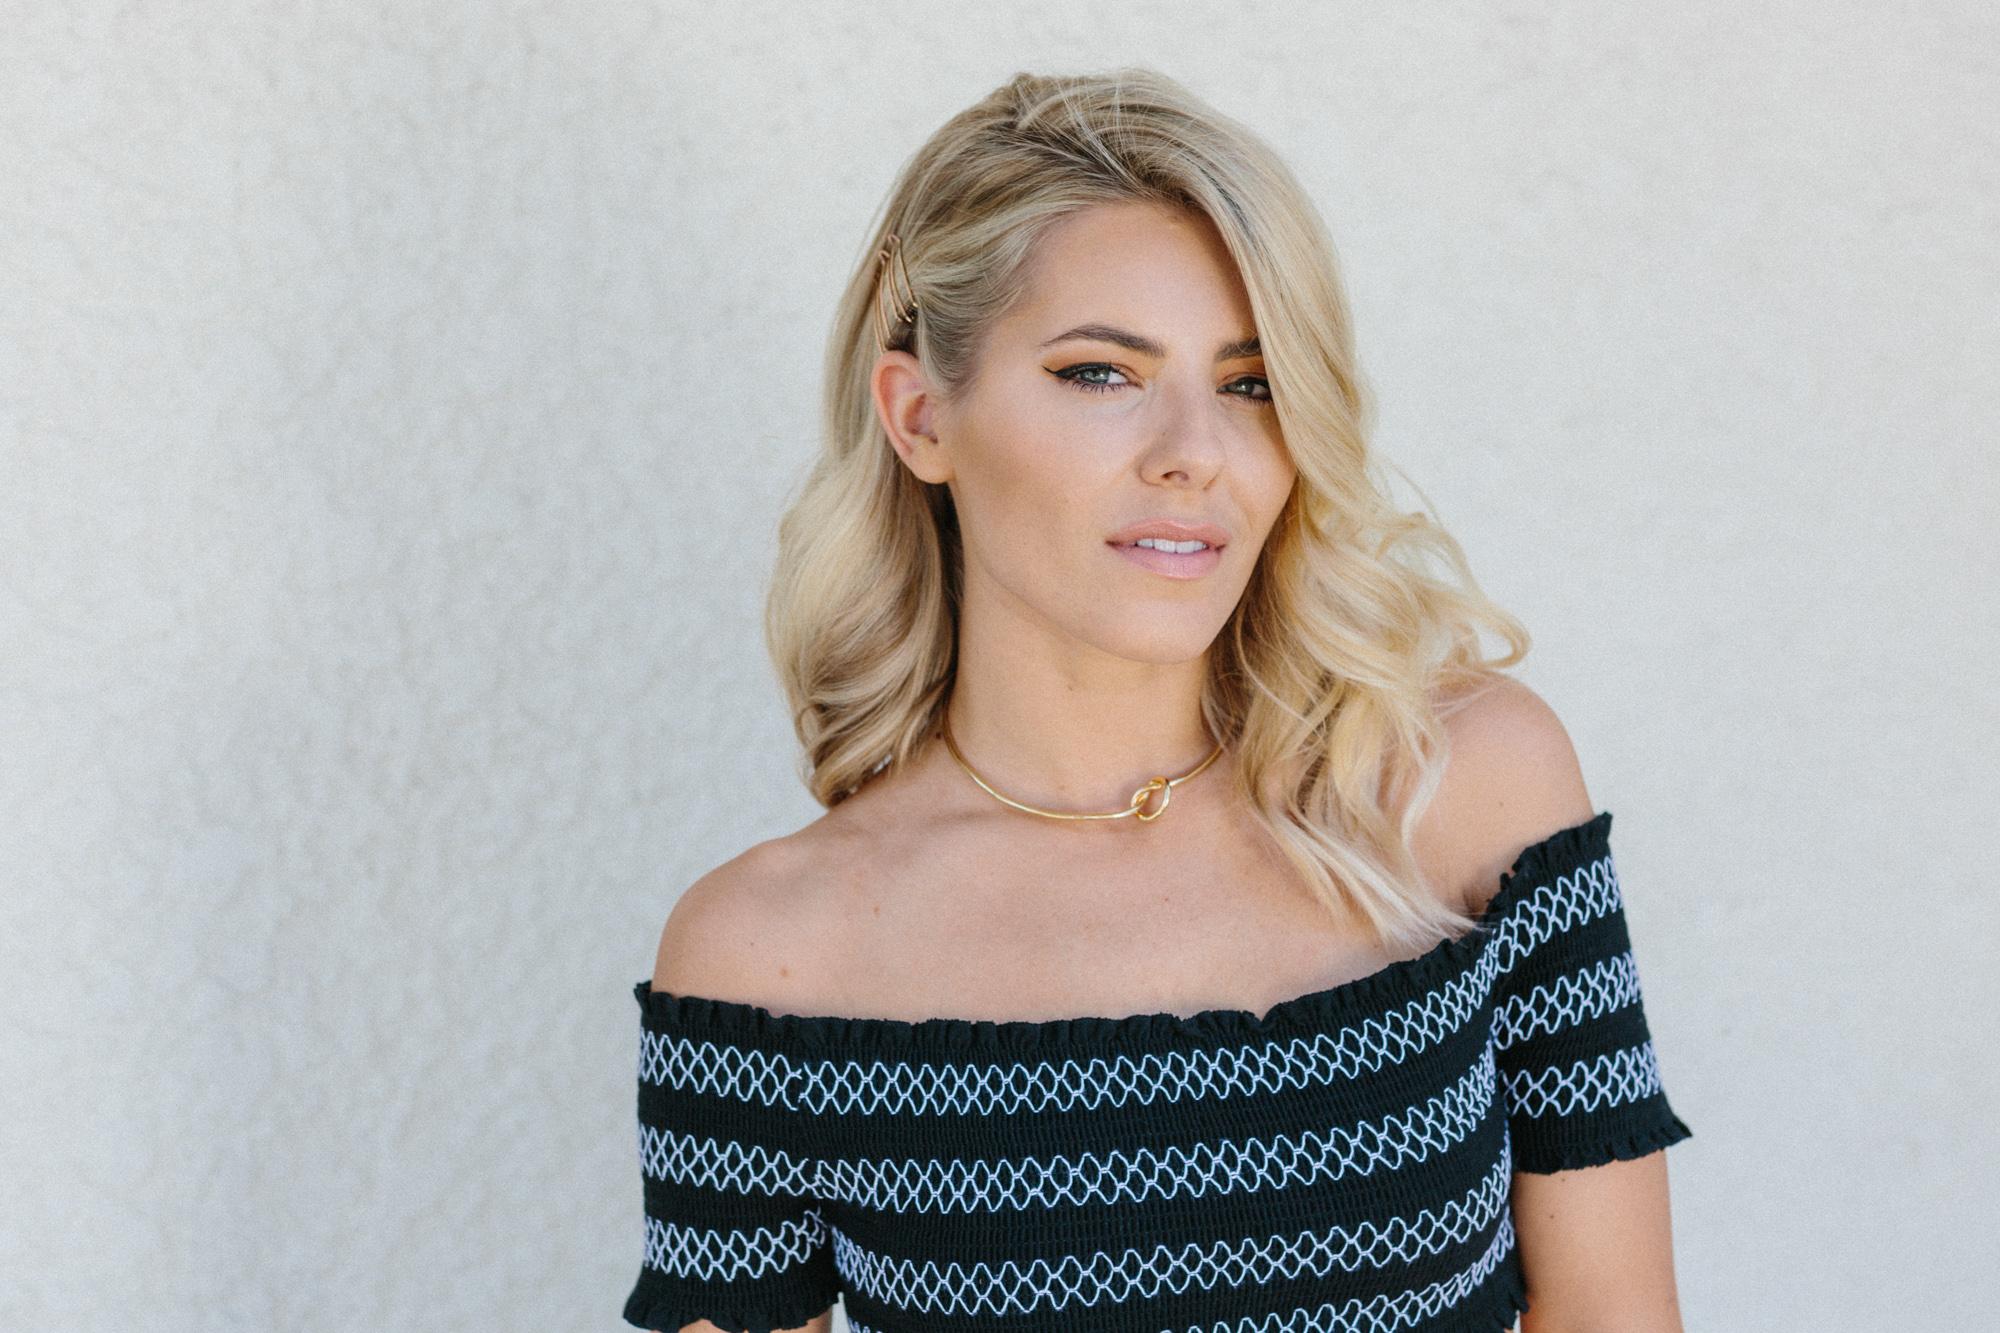 Mollie King / Coachella x ghd hair